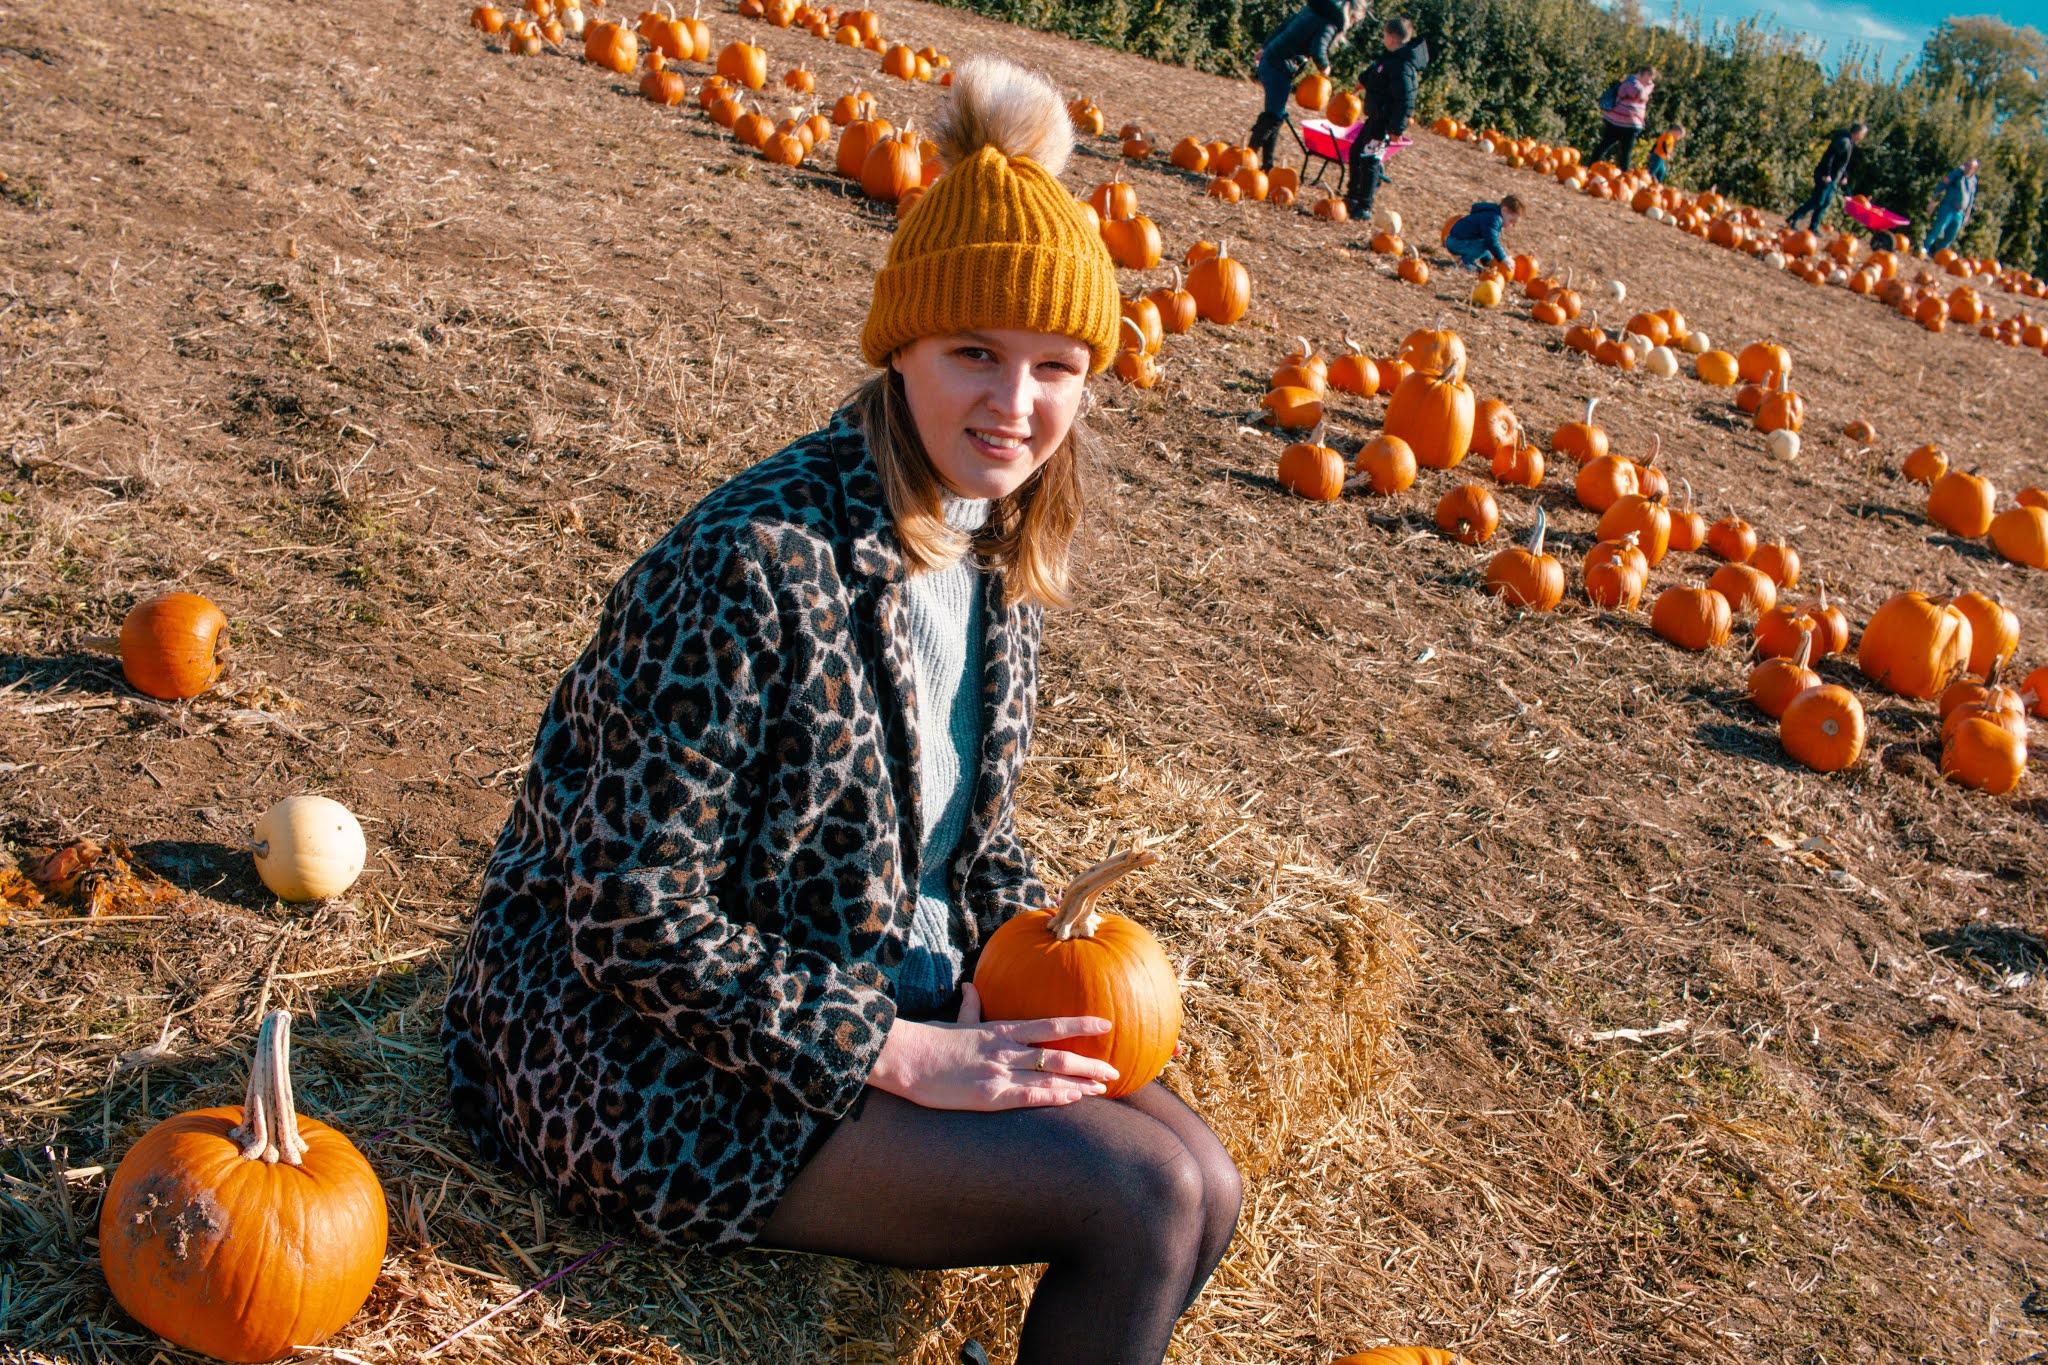 Girl with Autumn Pumpkins at Pumpkin Patch from Fall Pumpkin Picking Autumn Activities Blog Post